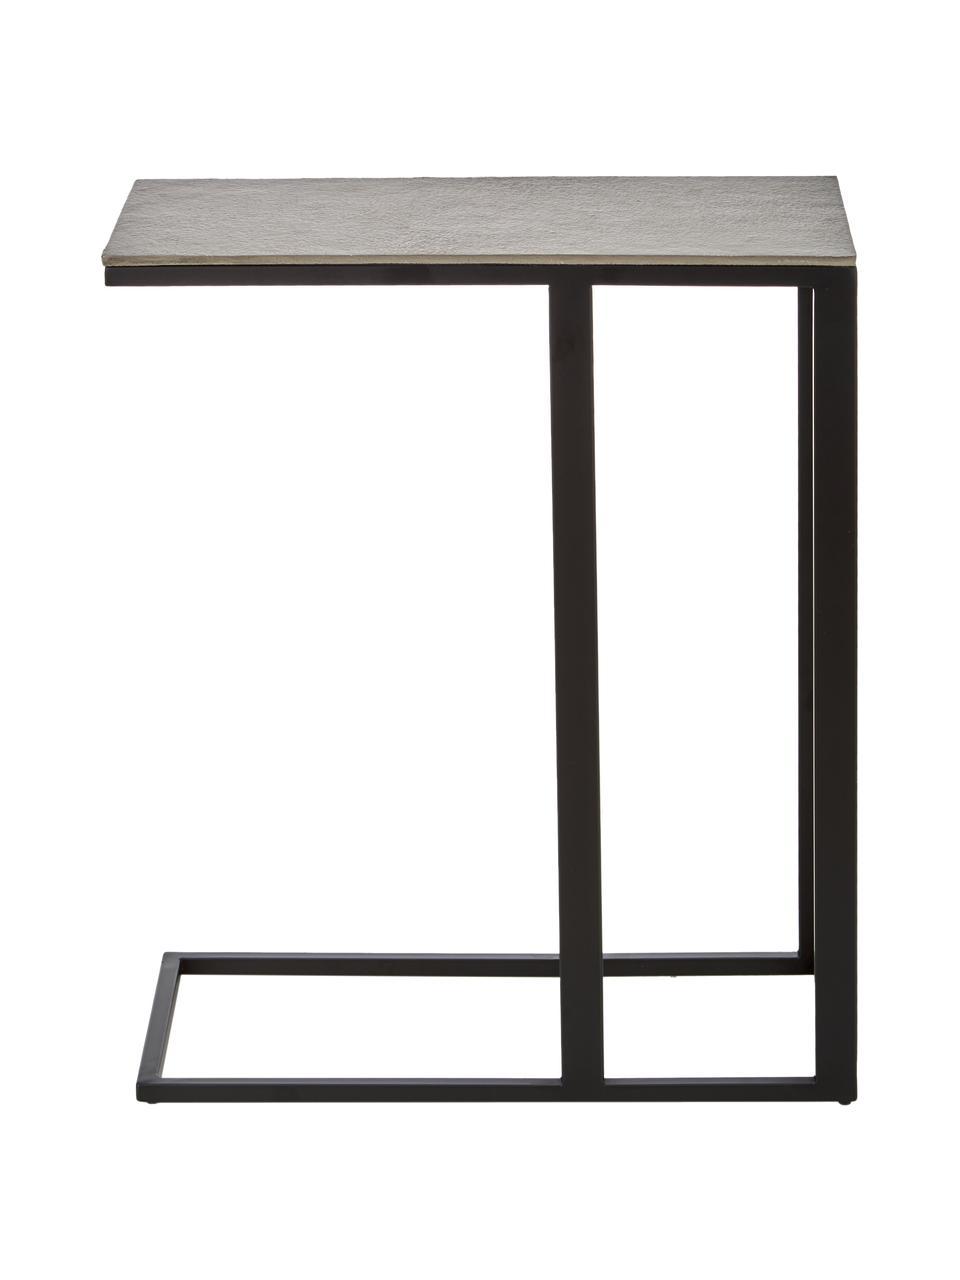 Table d'appoint design industriel Edge, Plateau: couleur argentée avec finition antiquaire Structure: noir, mat